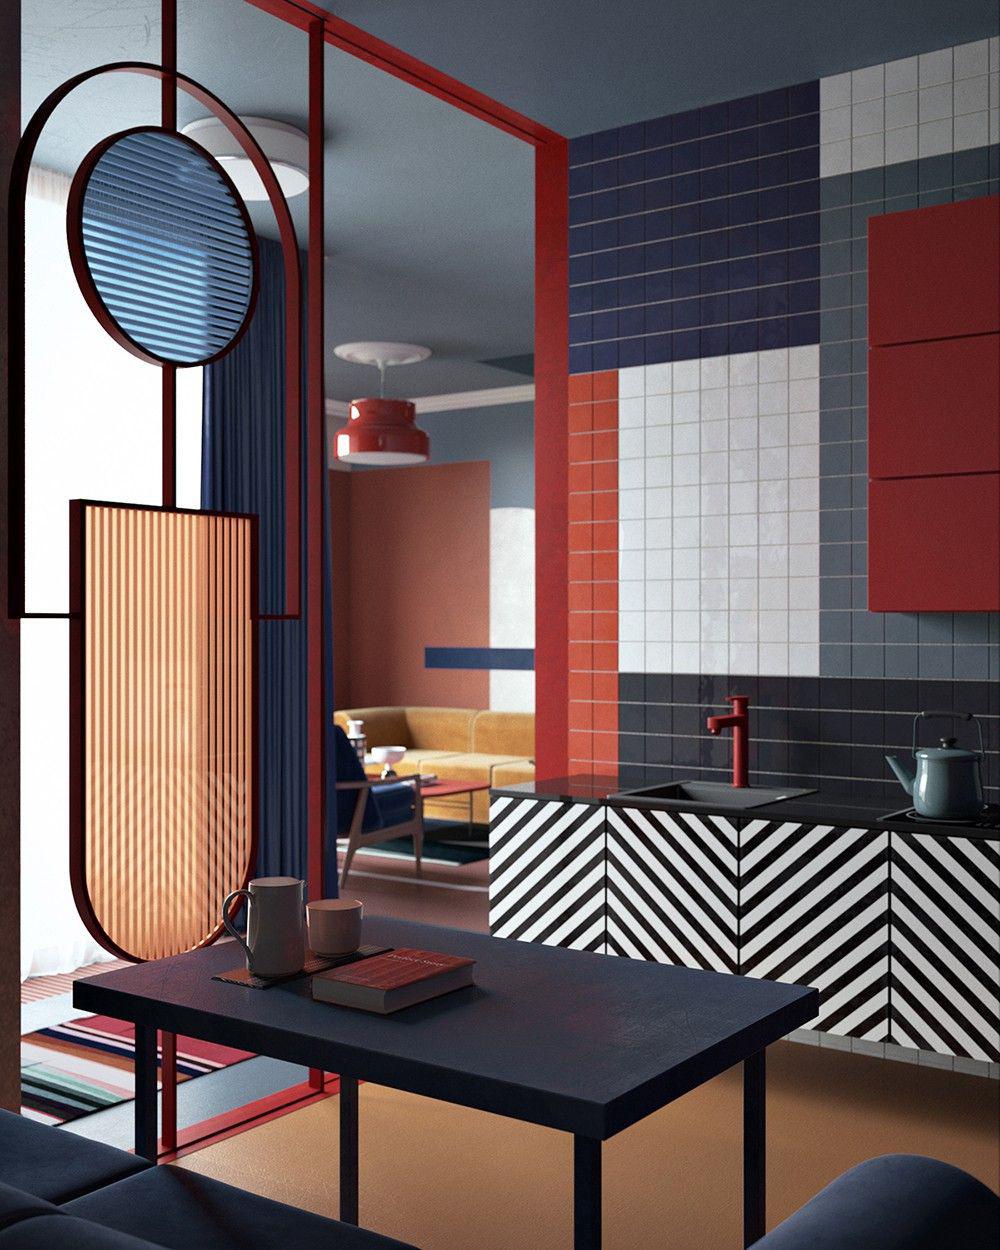 Обеденные столы лофт (54 фото): круглые и другие столы в стиле лофт, белые и модели других цветов